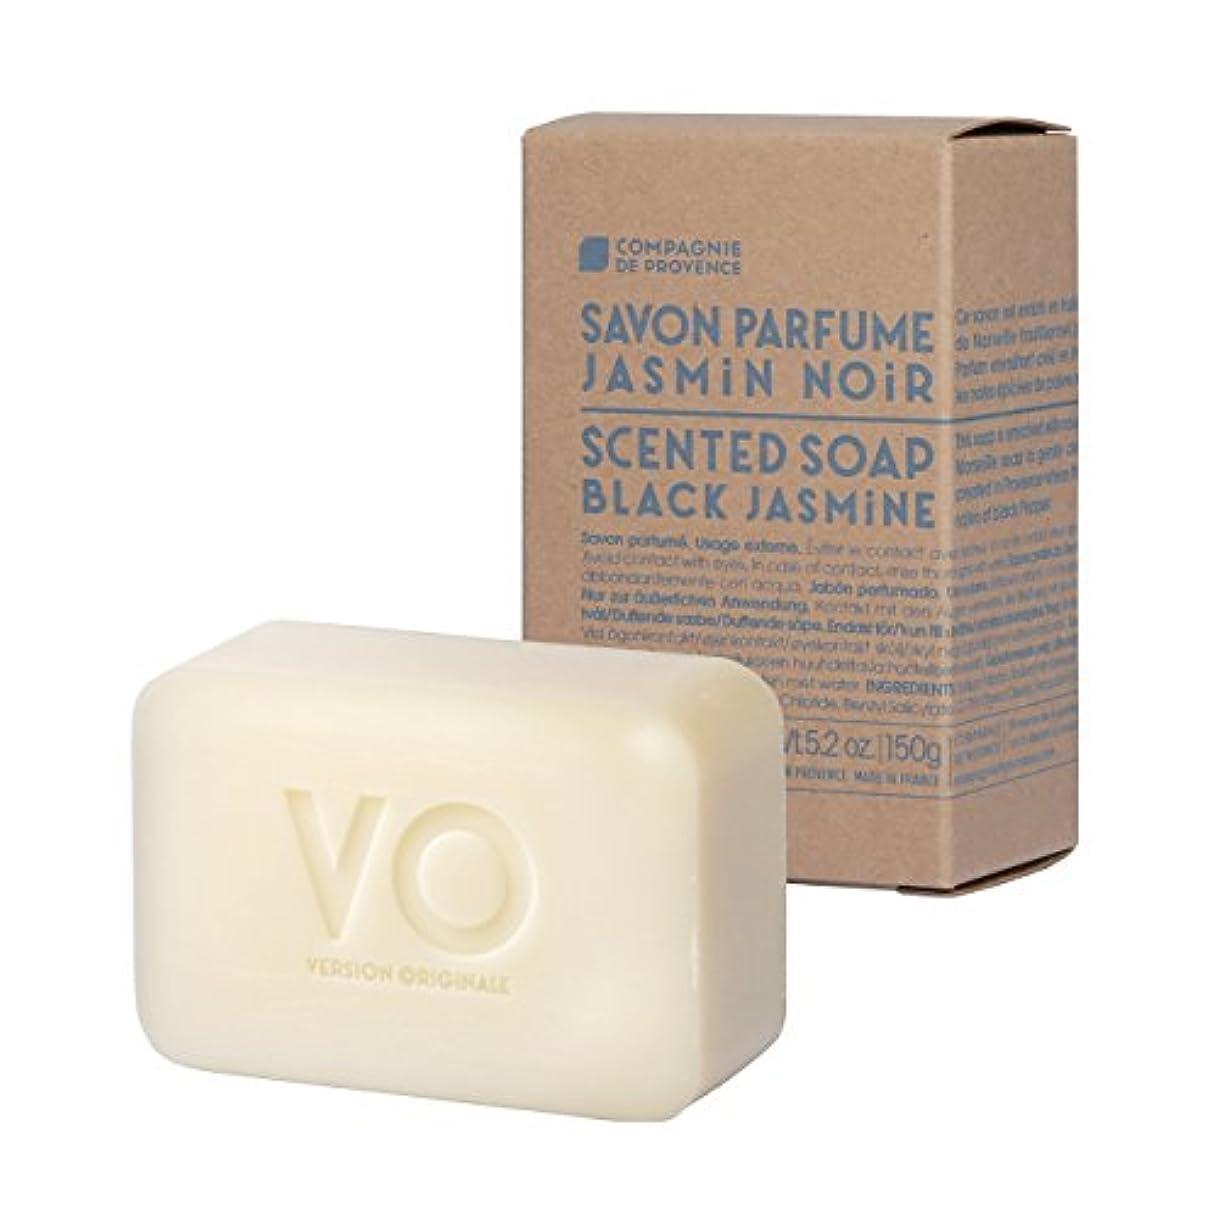 フィットネス合成色合いカンパニードプロバンス バージョンオリジナル センティッドソープ ブラックジャスミン(すっきりとした中にも甘さがある香り) 150g